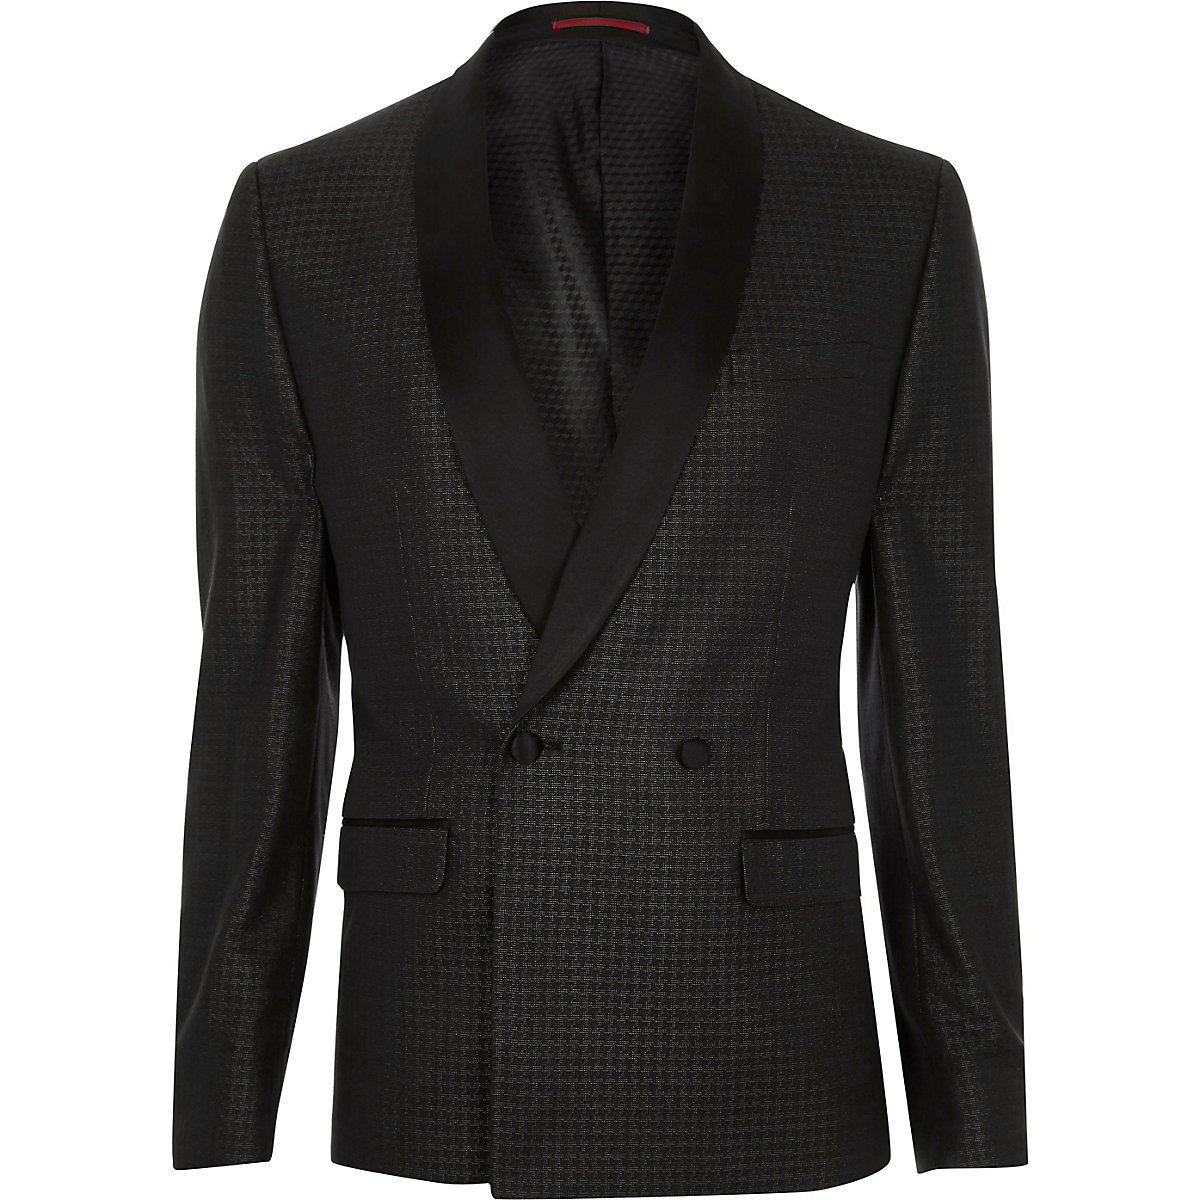 Grey metallic dogtooth skinny suit jacket